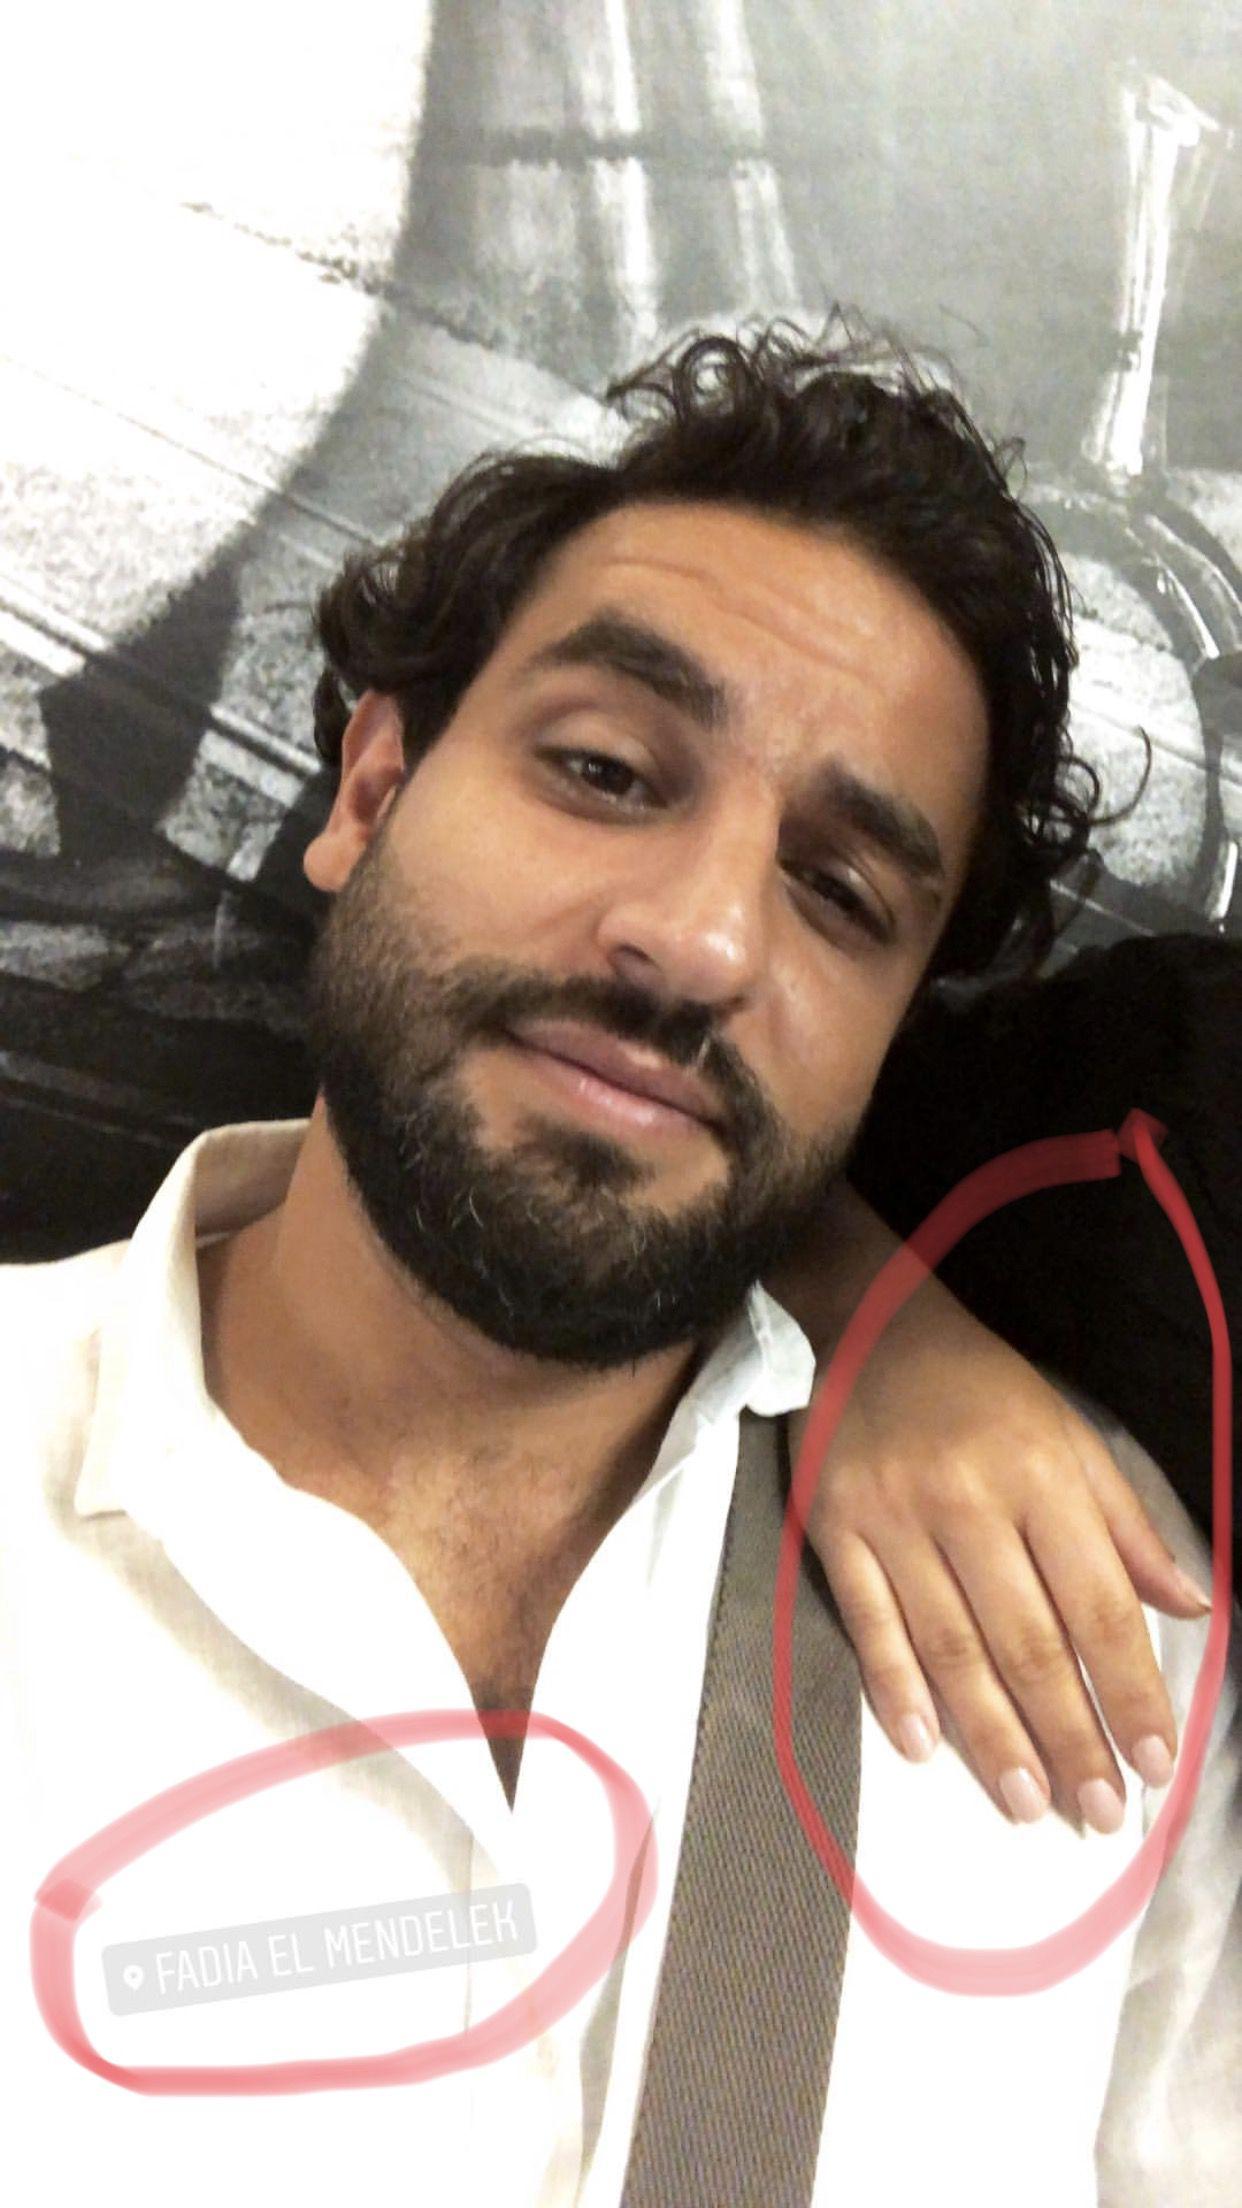 أنس نصري ينشر صورة له مع فتاة تضع يدها على كتفه في صالون فاديا مندلق لنتأكد بأنها مايا من خلال طلاء الأظافر